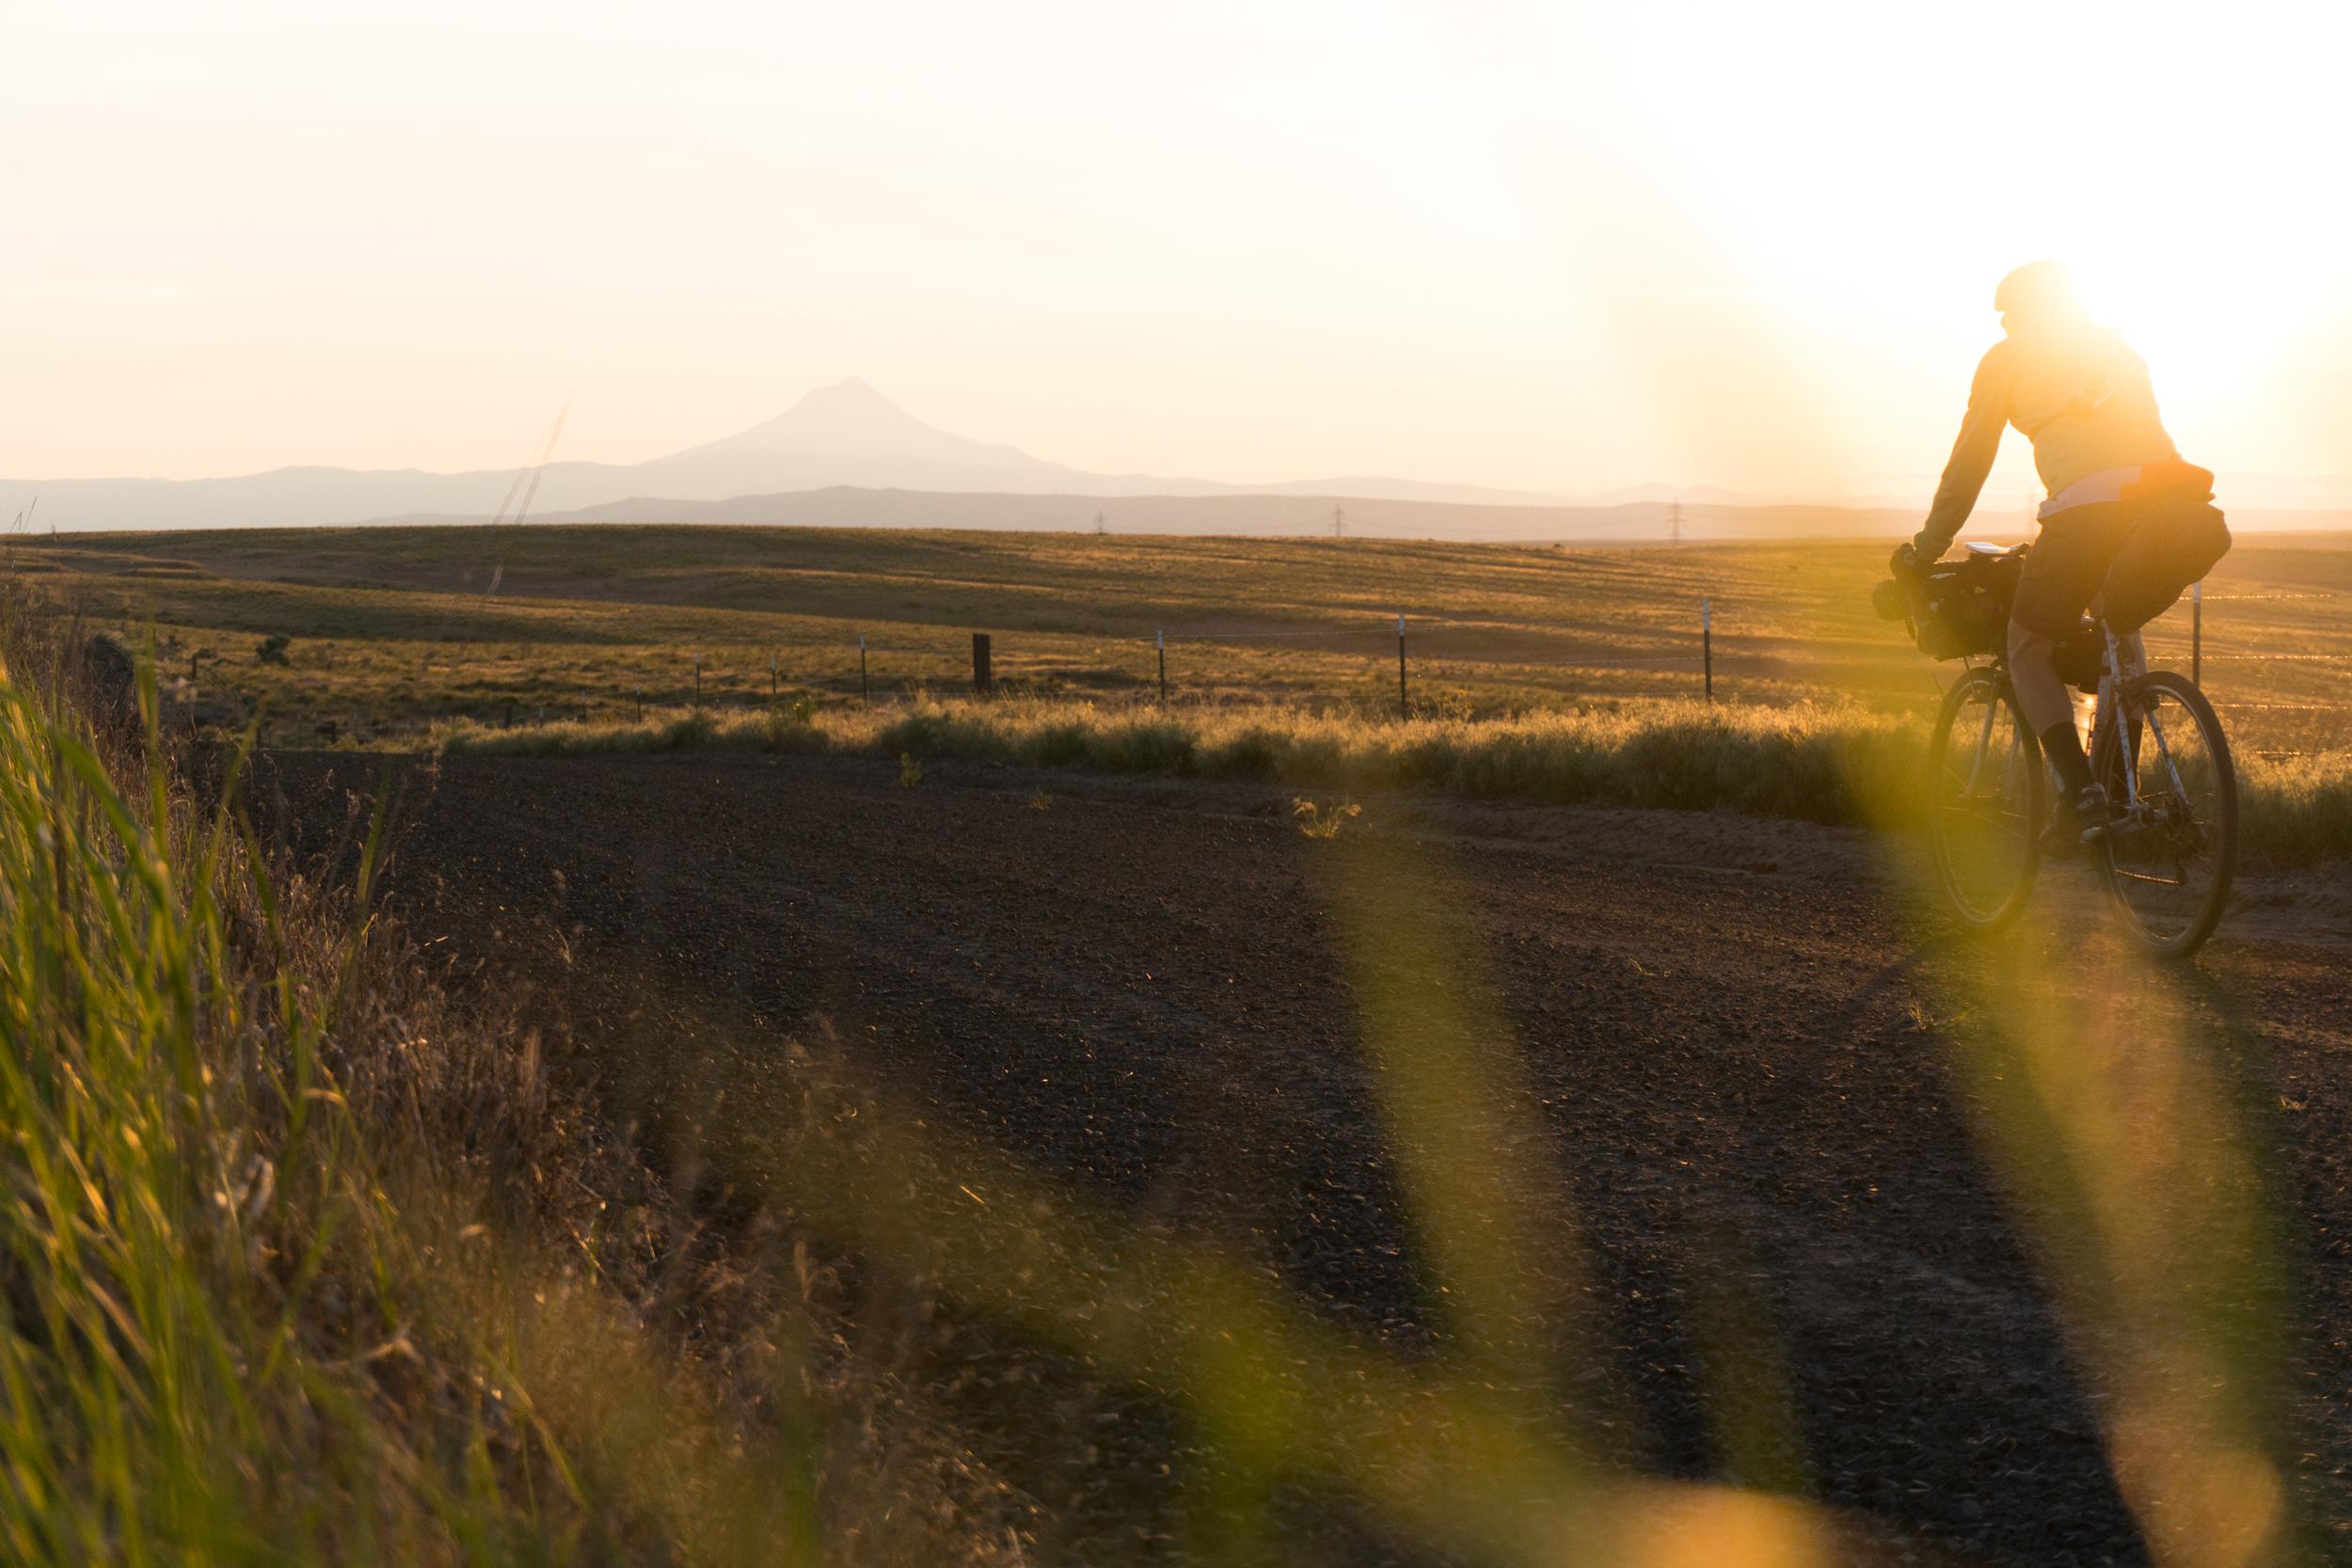 052016_OregonOutback_0191.jpg